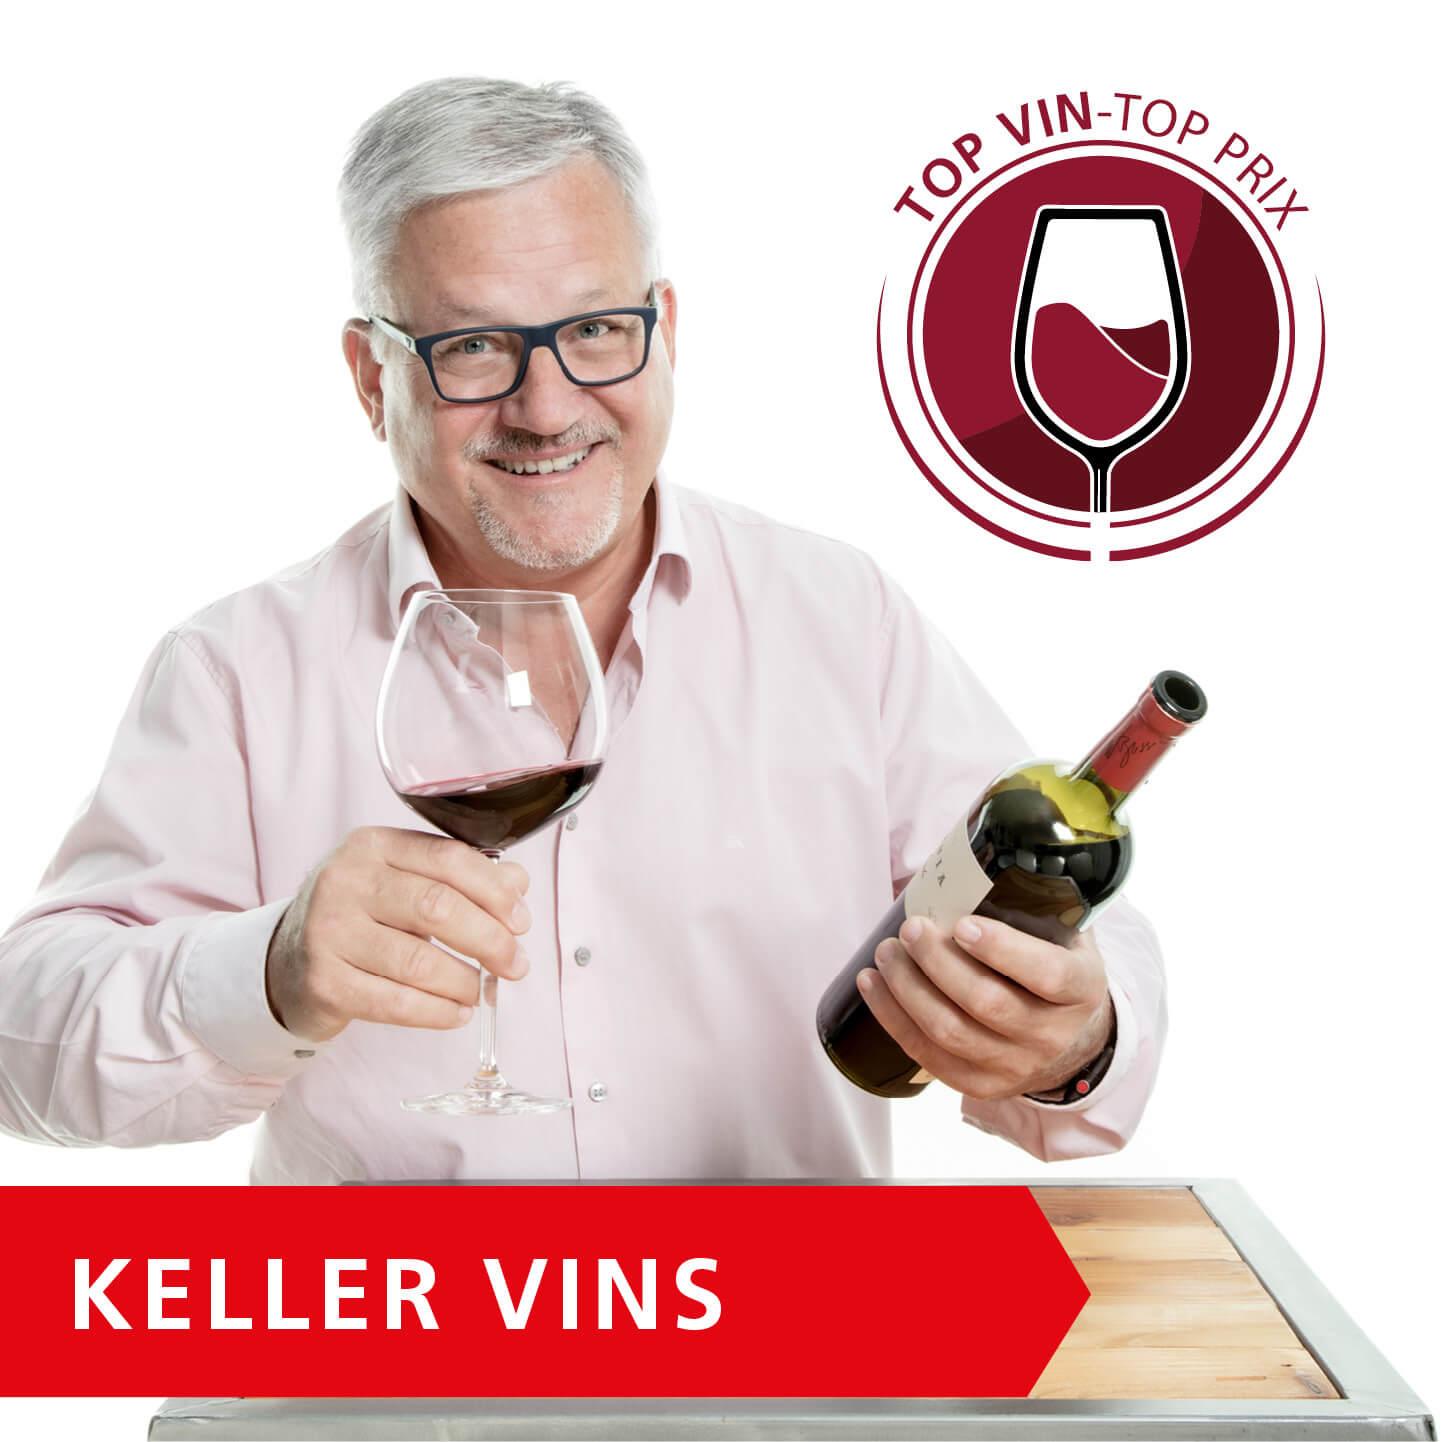 Keller Vins - Top vin - top prix